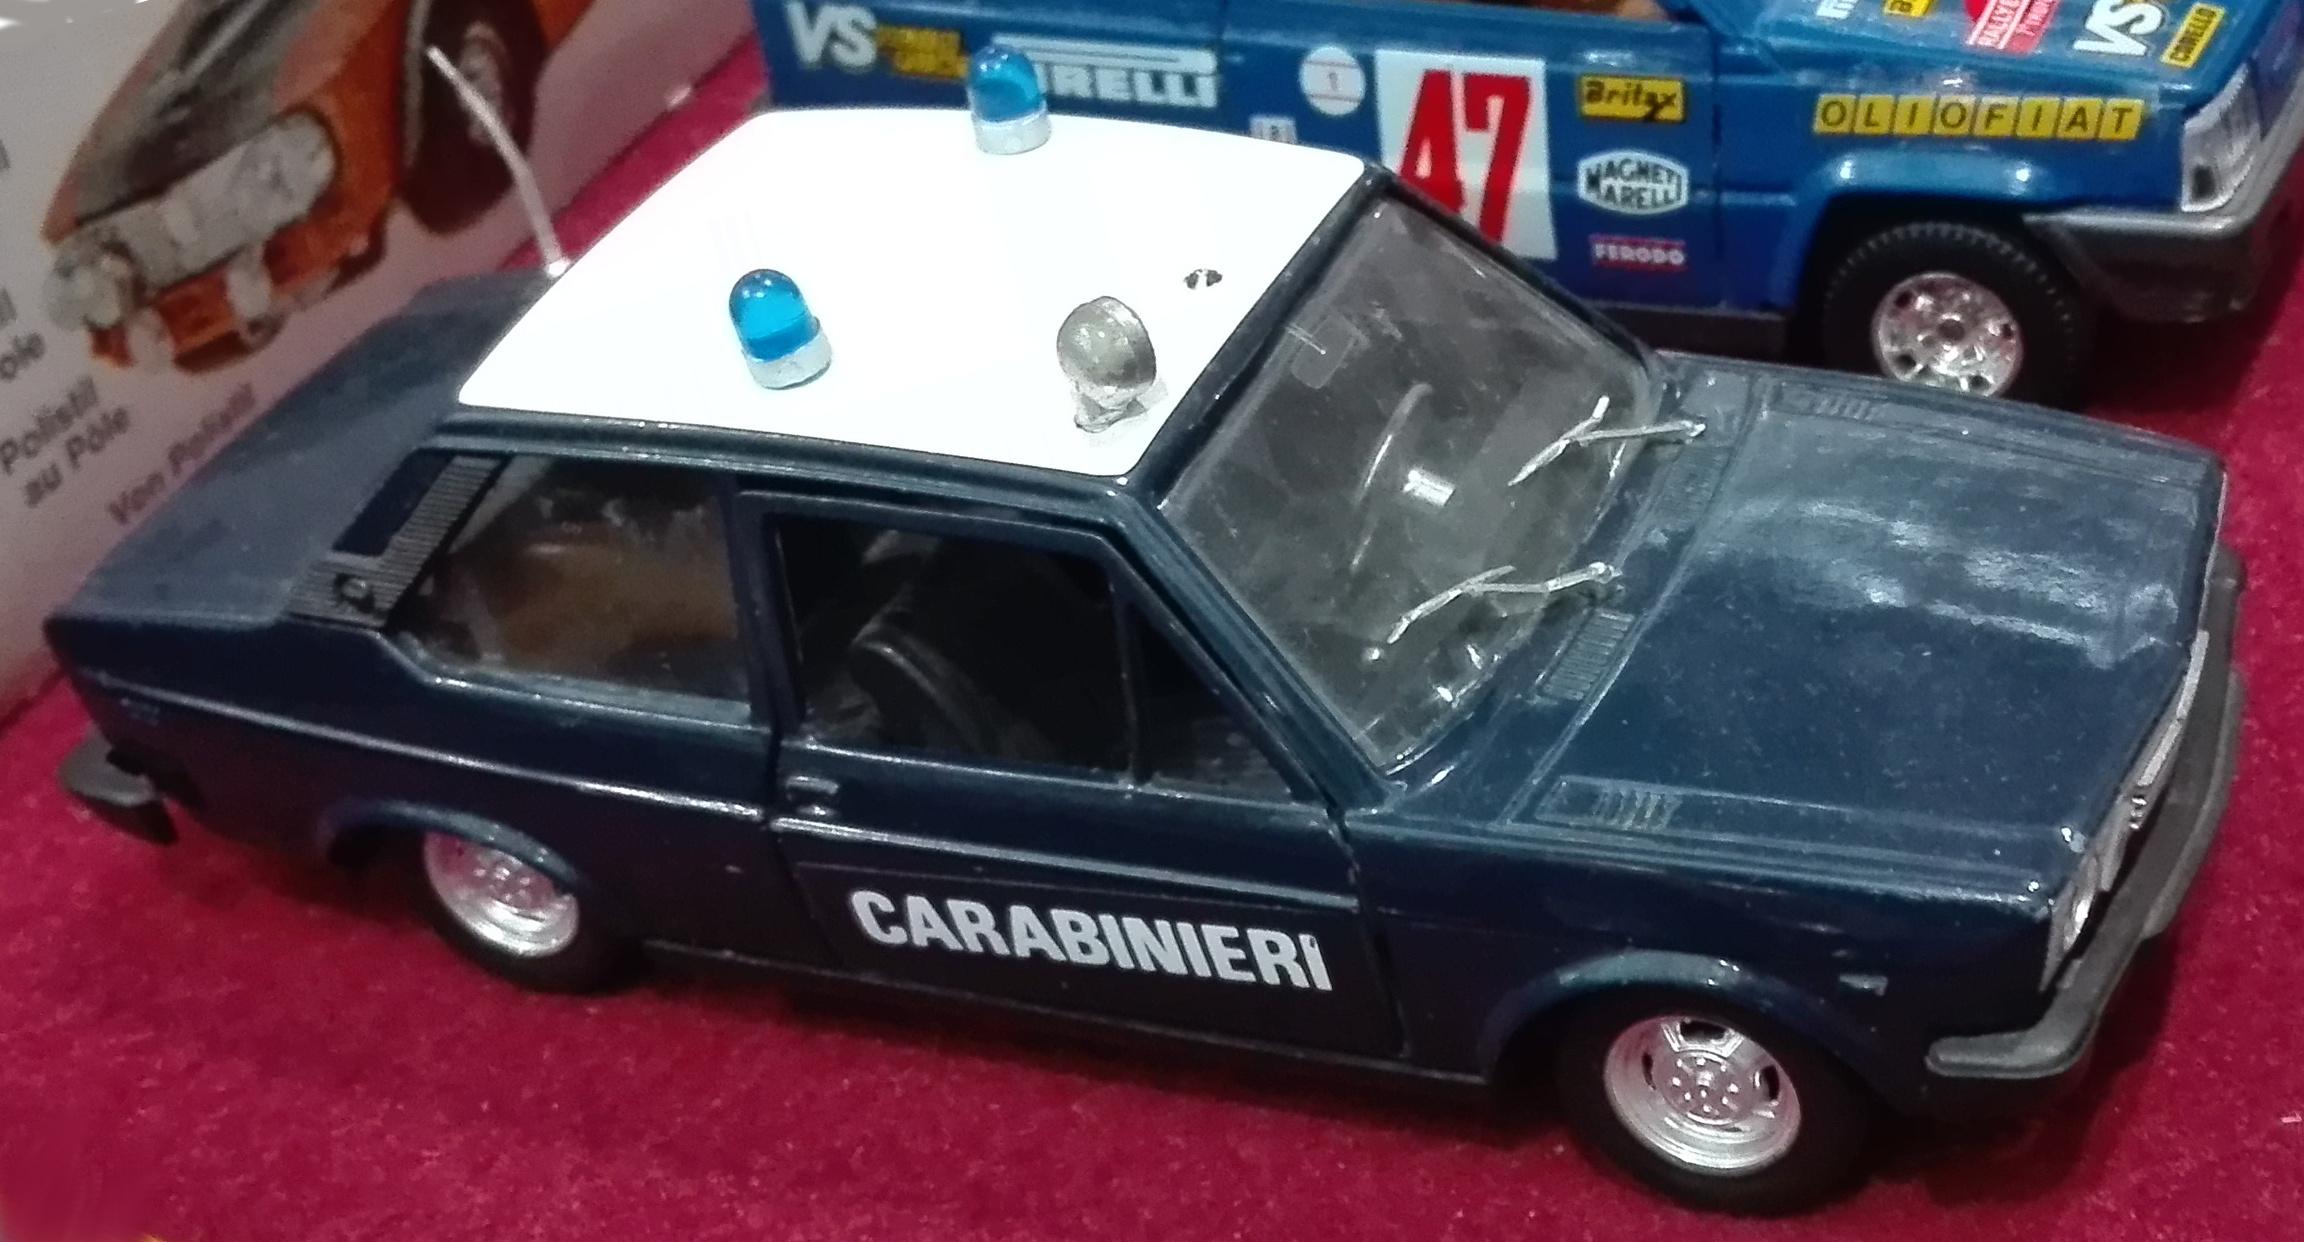 S69 (identica alla S669), Fiat 131 Carabinieri